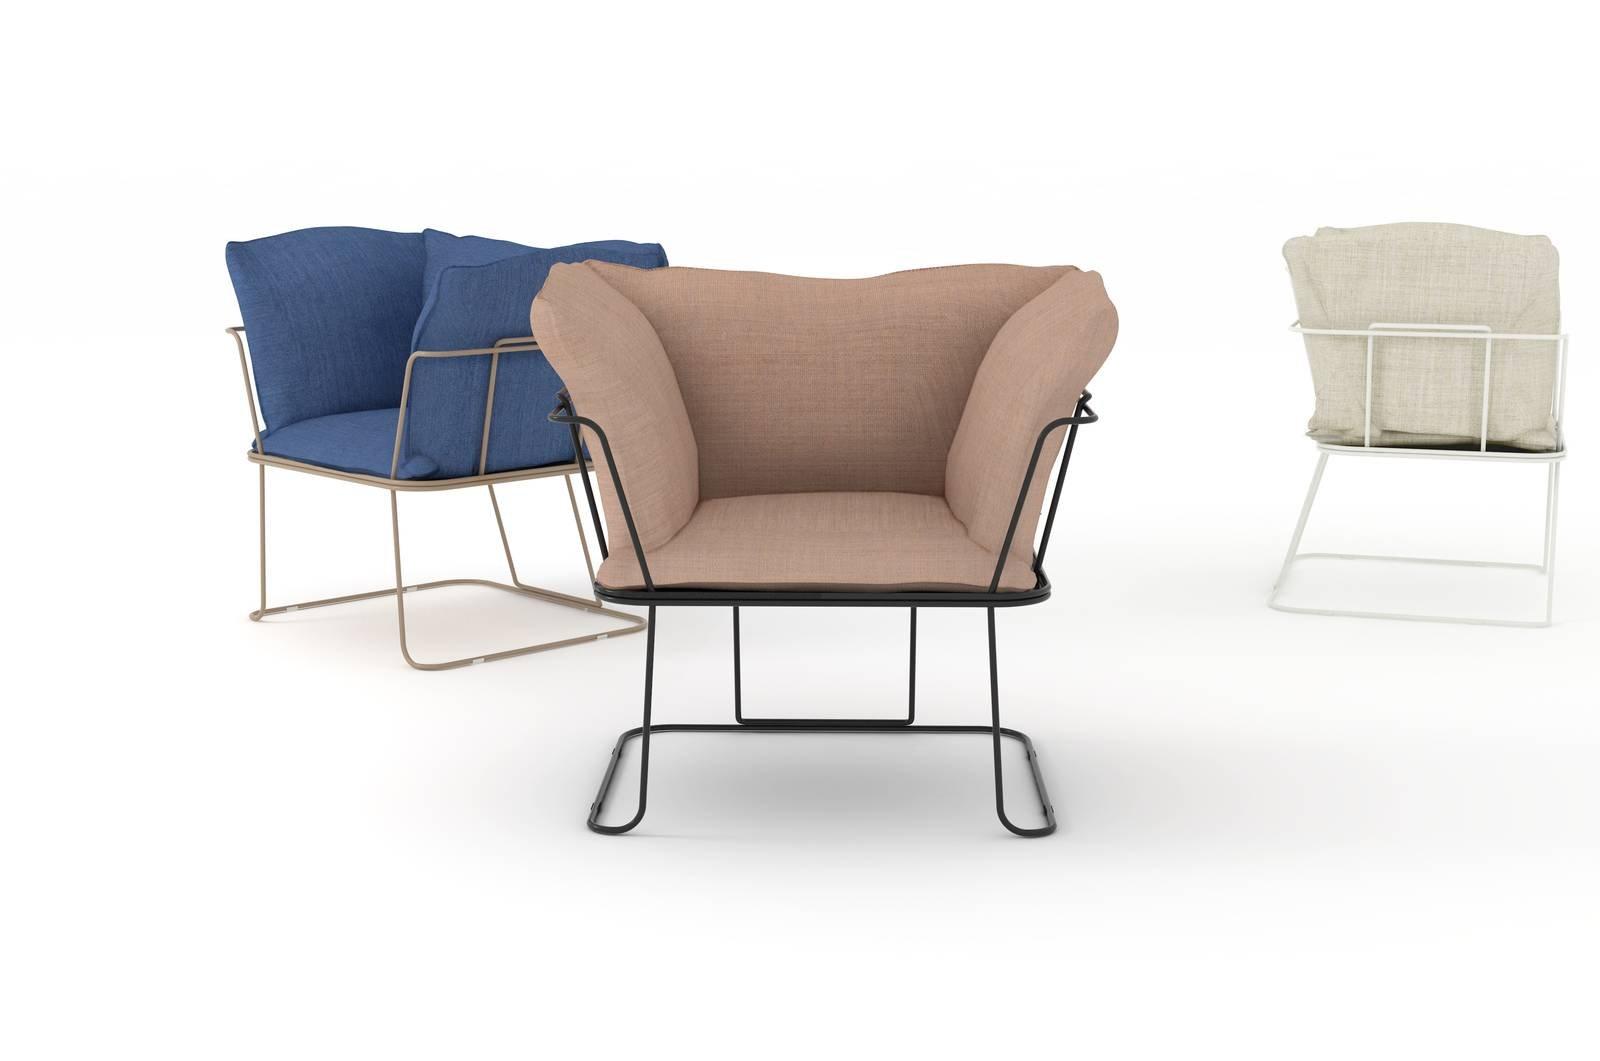 Le nuove sedie e poltroncine al salone del mobile 2017 for Poltroncine